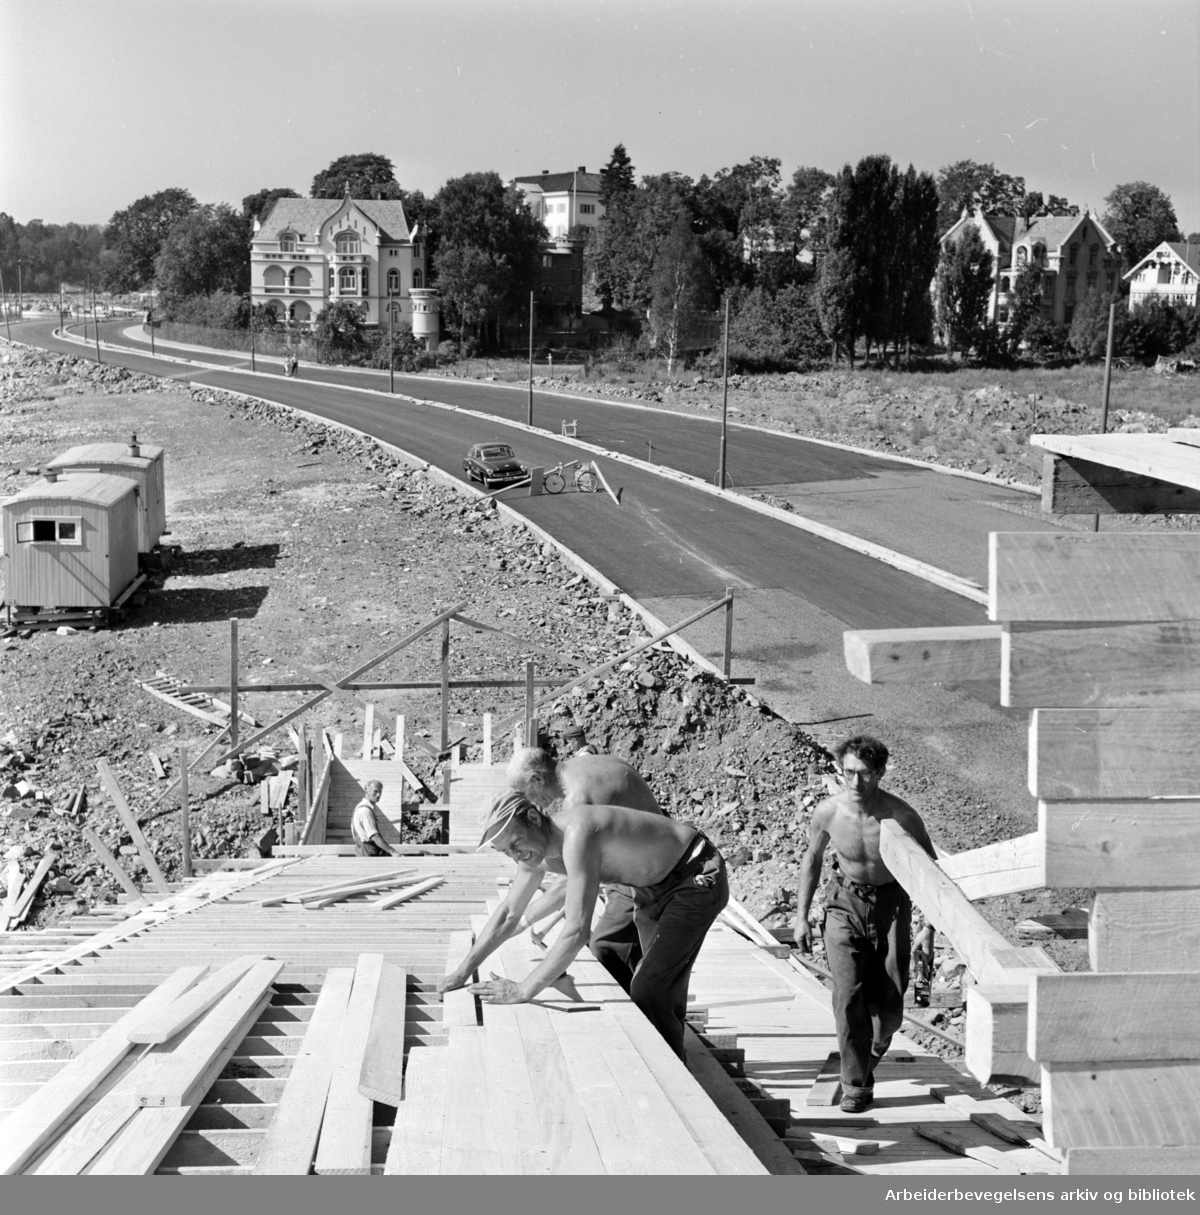 Strandpromenaden. Strekningen Skarpsno - Filipstad snart kjøreklar. August 1959